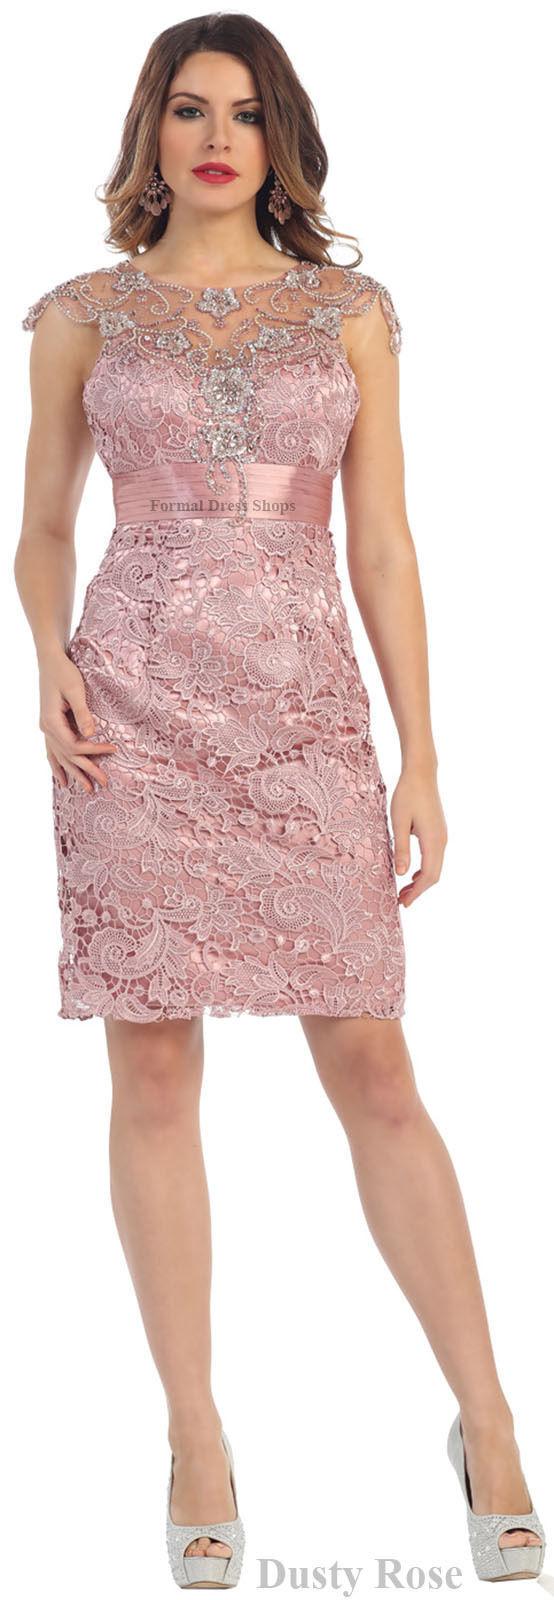 Moderno Venta De Vestido De Novia En Ebay Componente - Colección de ...